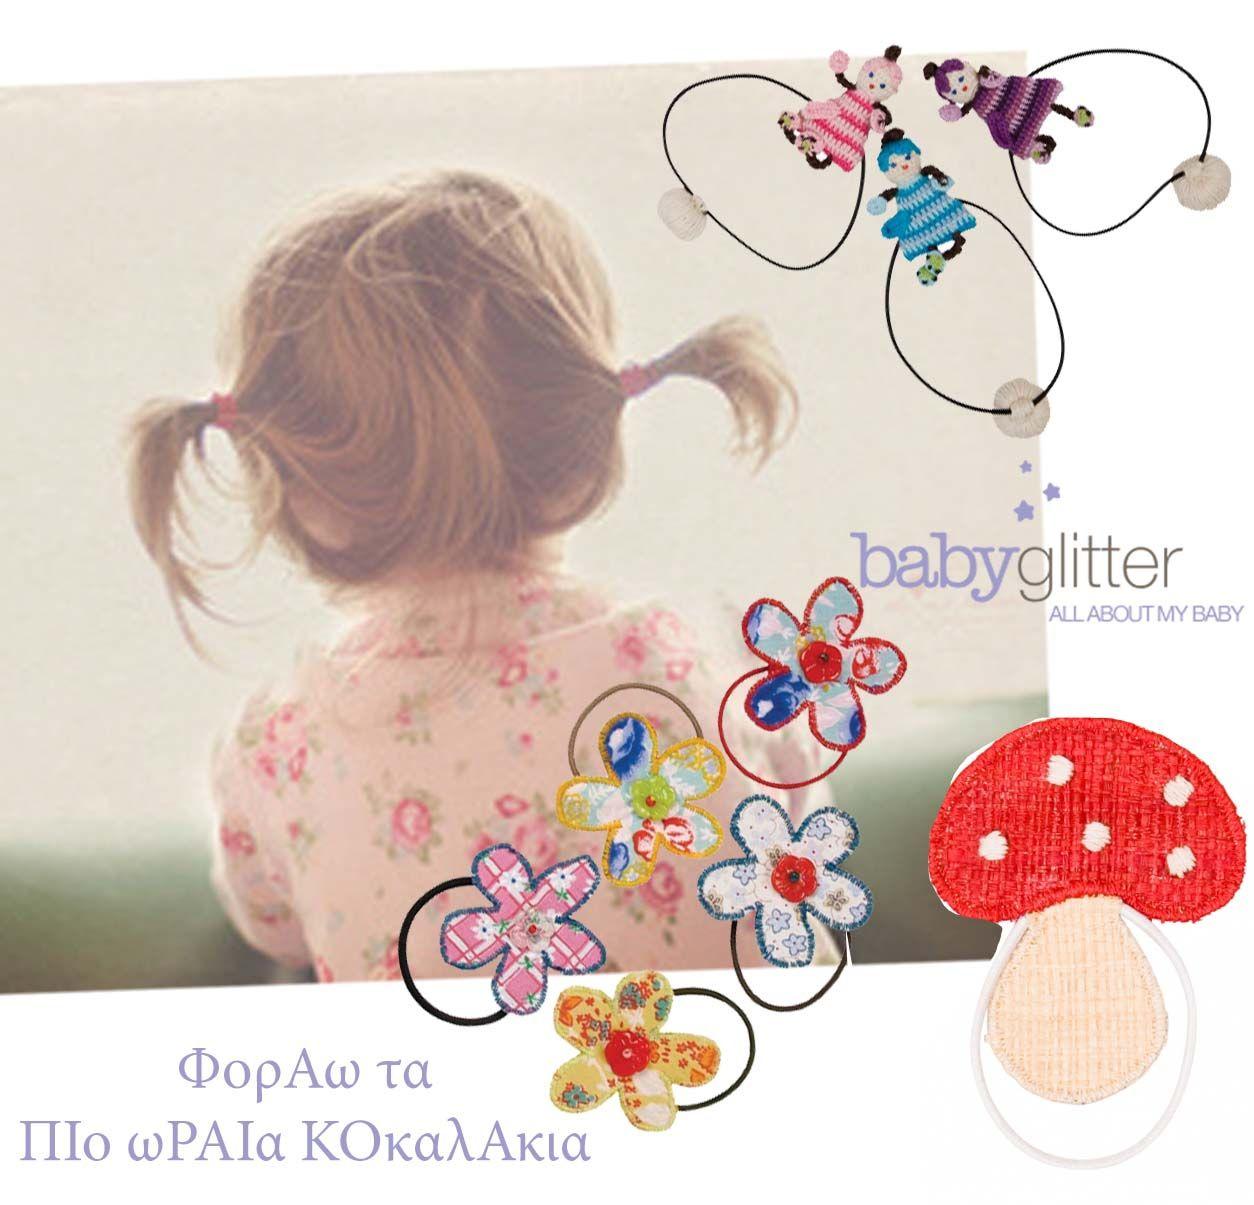 Το σαββατοκύριακο θα βάλω τα καινούρια μου κοκκαλάκια!    http://babyglitter.gr/clothing/accessories/gender__boy,girl/!/1/100/none/